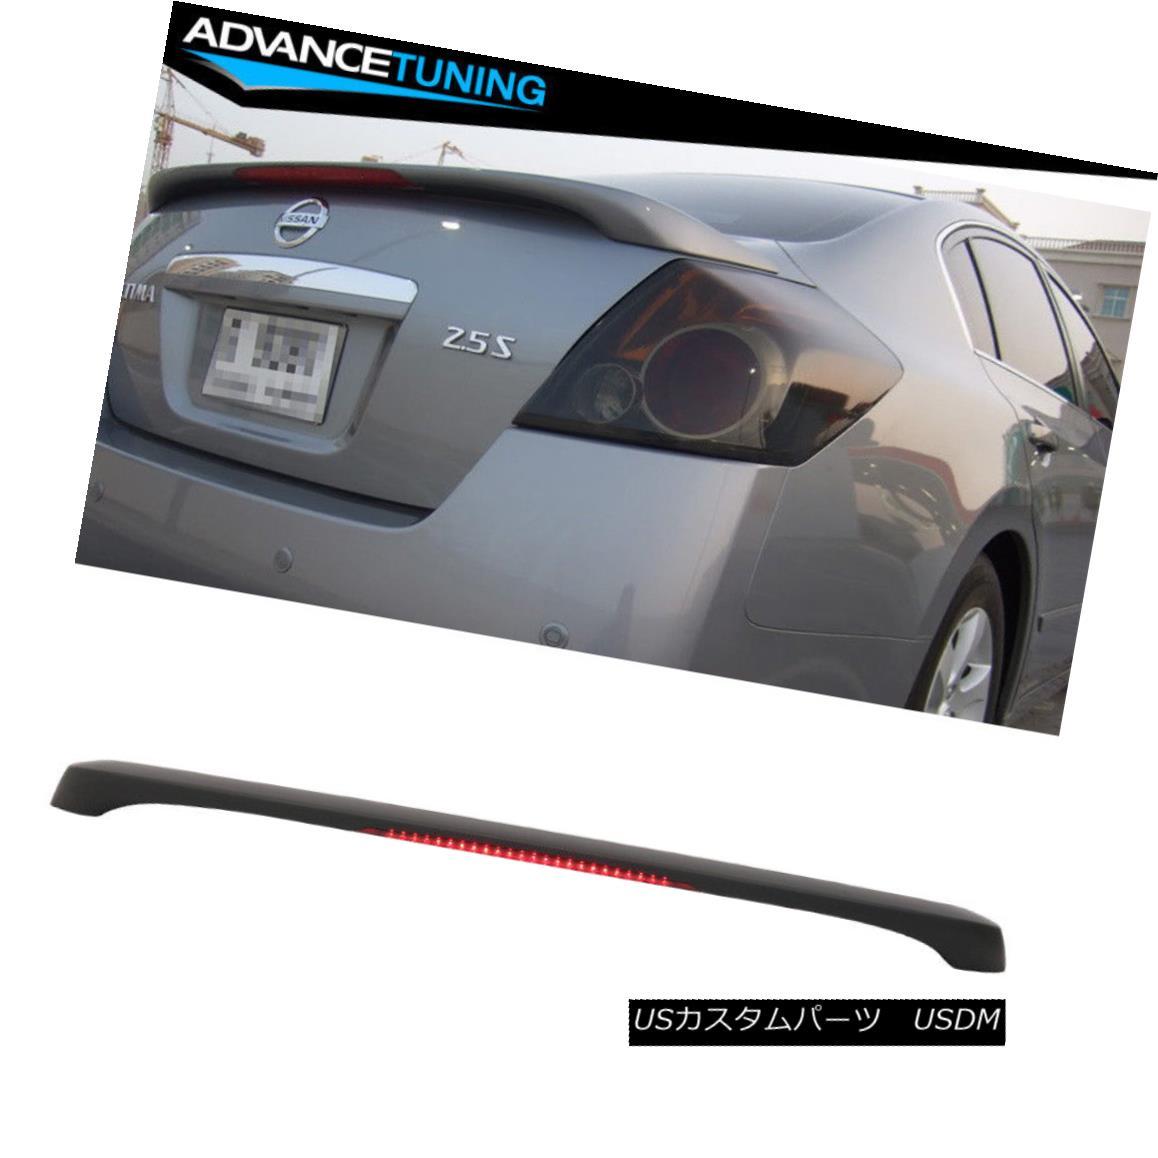 エアロパーツ Matte Black! Fits 07-12 Nissan Altima 4DR Sedan OE Trunk Spoiler LED Brake Light マットブラック! フィット07-12日産アルティマ4DRセダンOEトランクスポイラーLEDブレーキライト